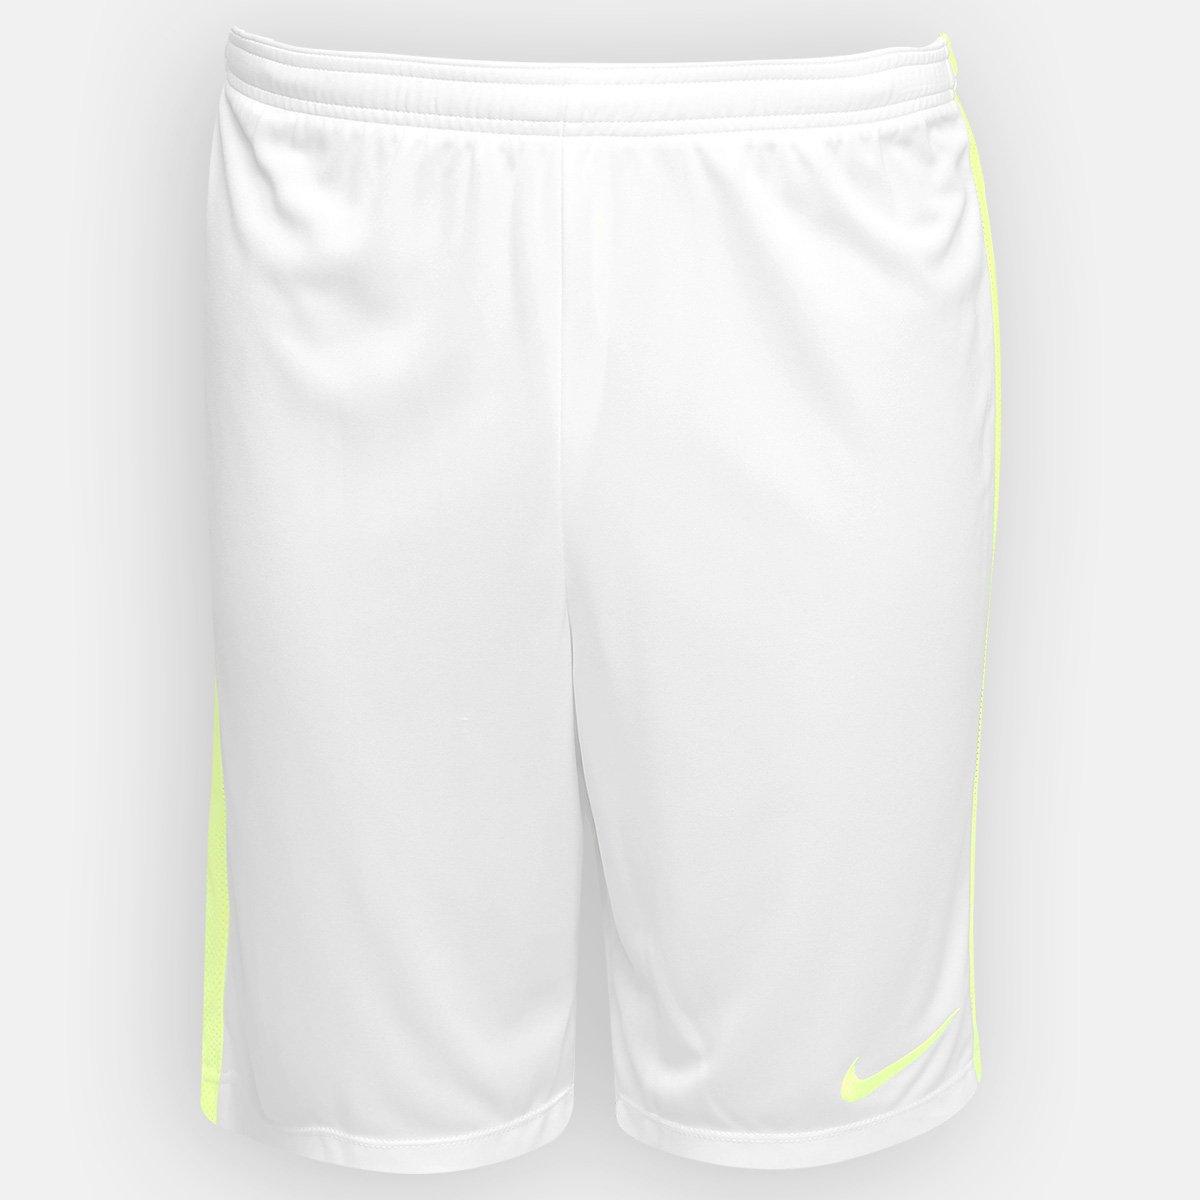 7227e59171081 Calção Nike Dry Academy Masculino - Branco e Verde Limão - Compre Agora